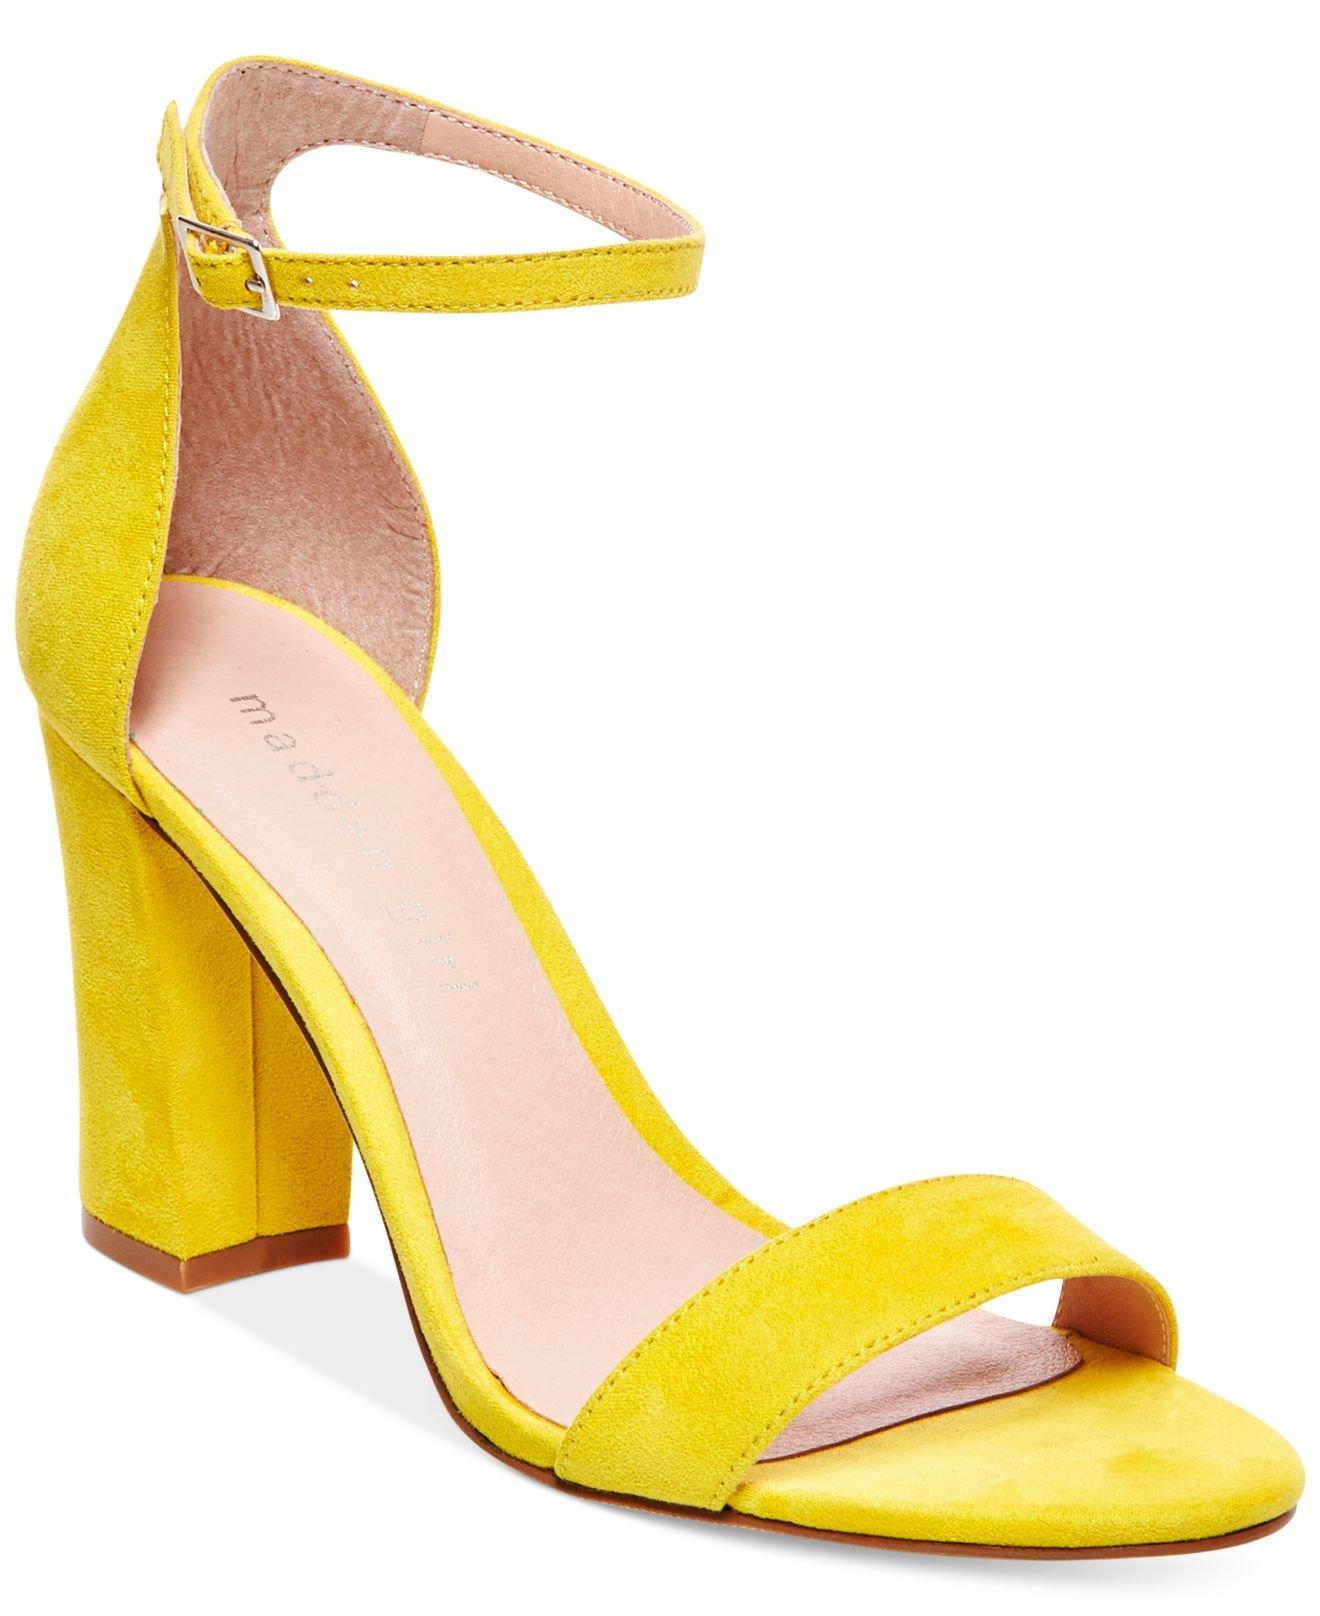 Madden Girl Bella Block Heel Faux Suede Sandals In Yellow